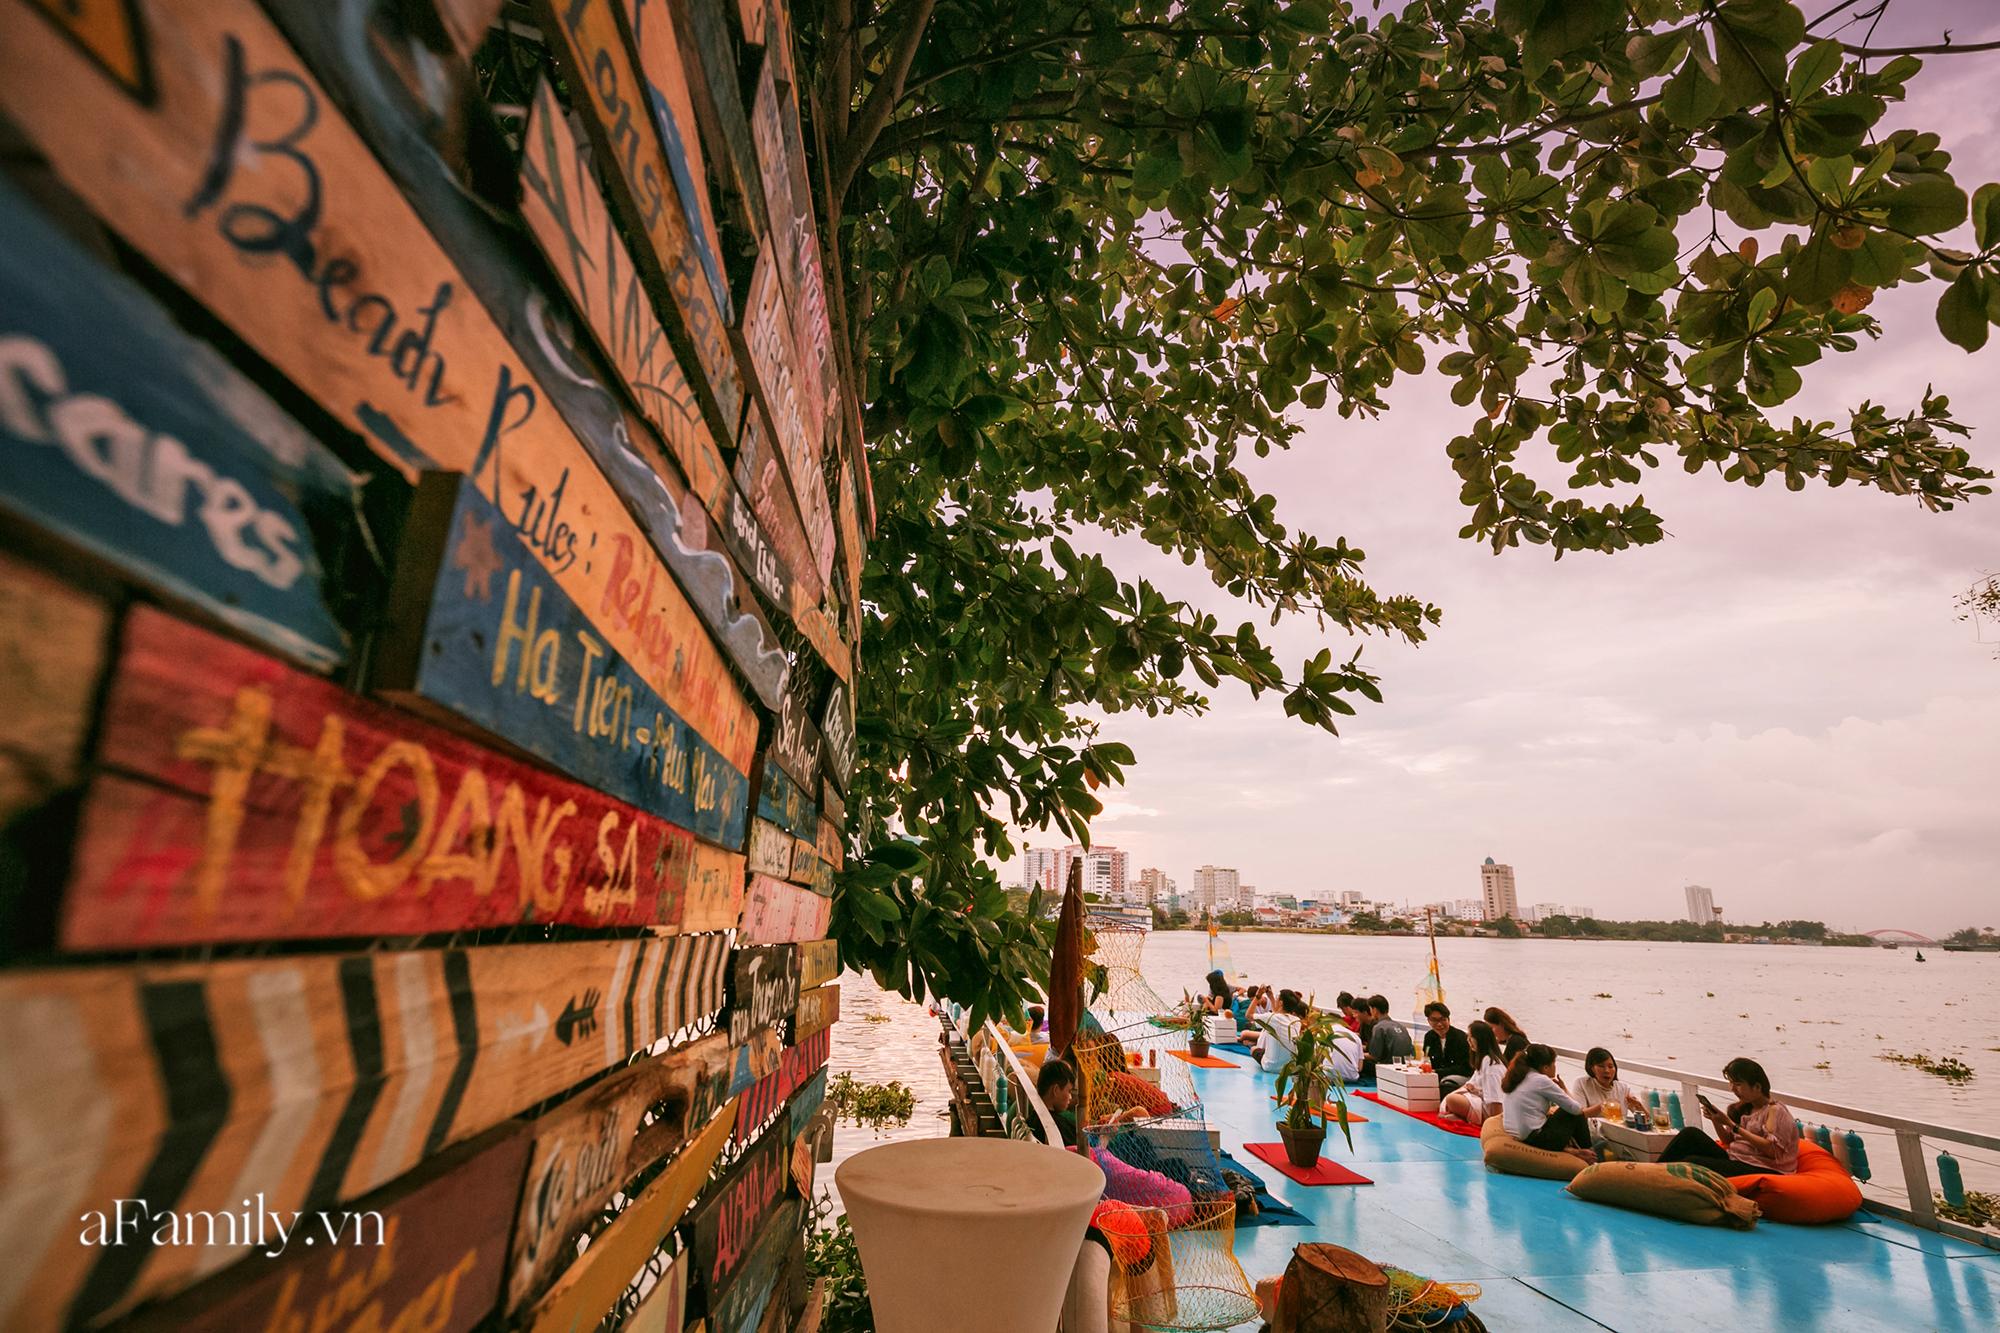 Siêu hot với quán cà phê nổi trên sông Sài Gòn, đón hoàng hôn hay ngắm cảnh đêm đều cực đẹp mà giá cả lại hợp lý, yên tâm chill chẳng sợ hụt hầu bao! - Ảnh 5.